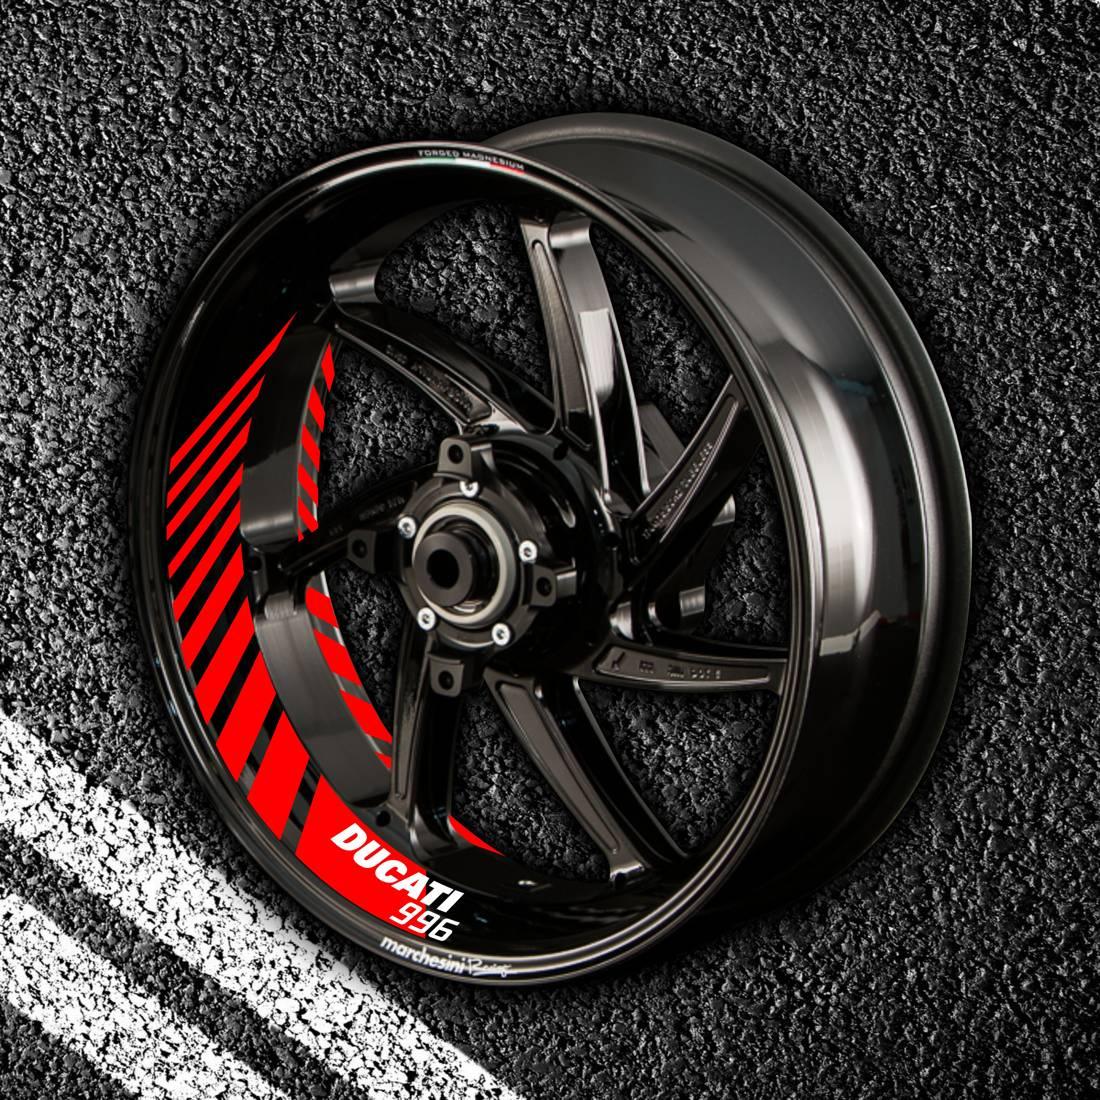 Комплект наклеек с полосами на колеса мотоцикла DUCATI 996